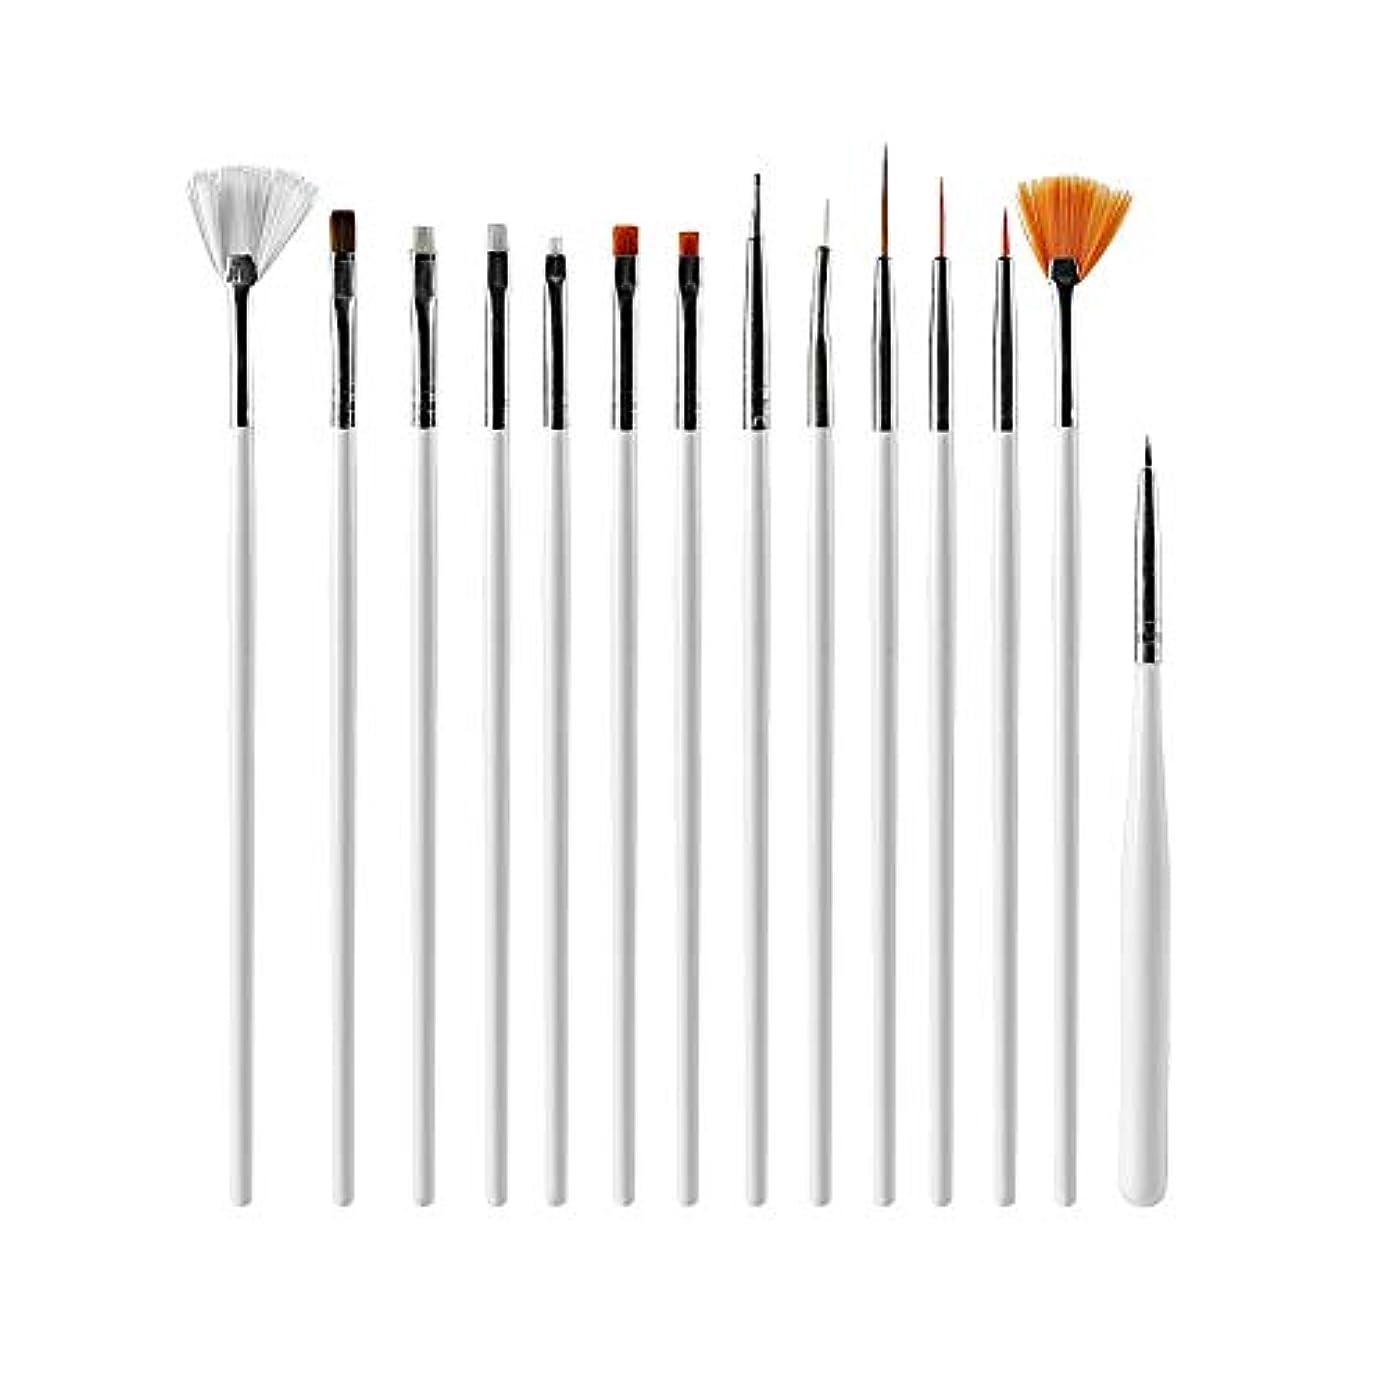 恨み悪い焦がすネイルブラシペンネイルブラシセット15PCS工具セット、プロの女性DIYネイル用品ネイル描画白